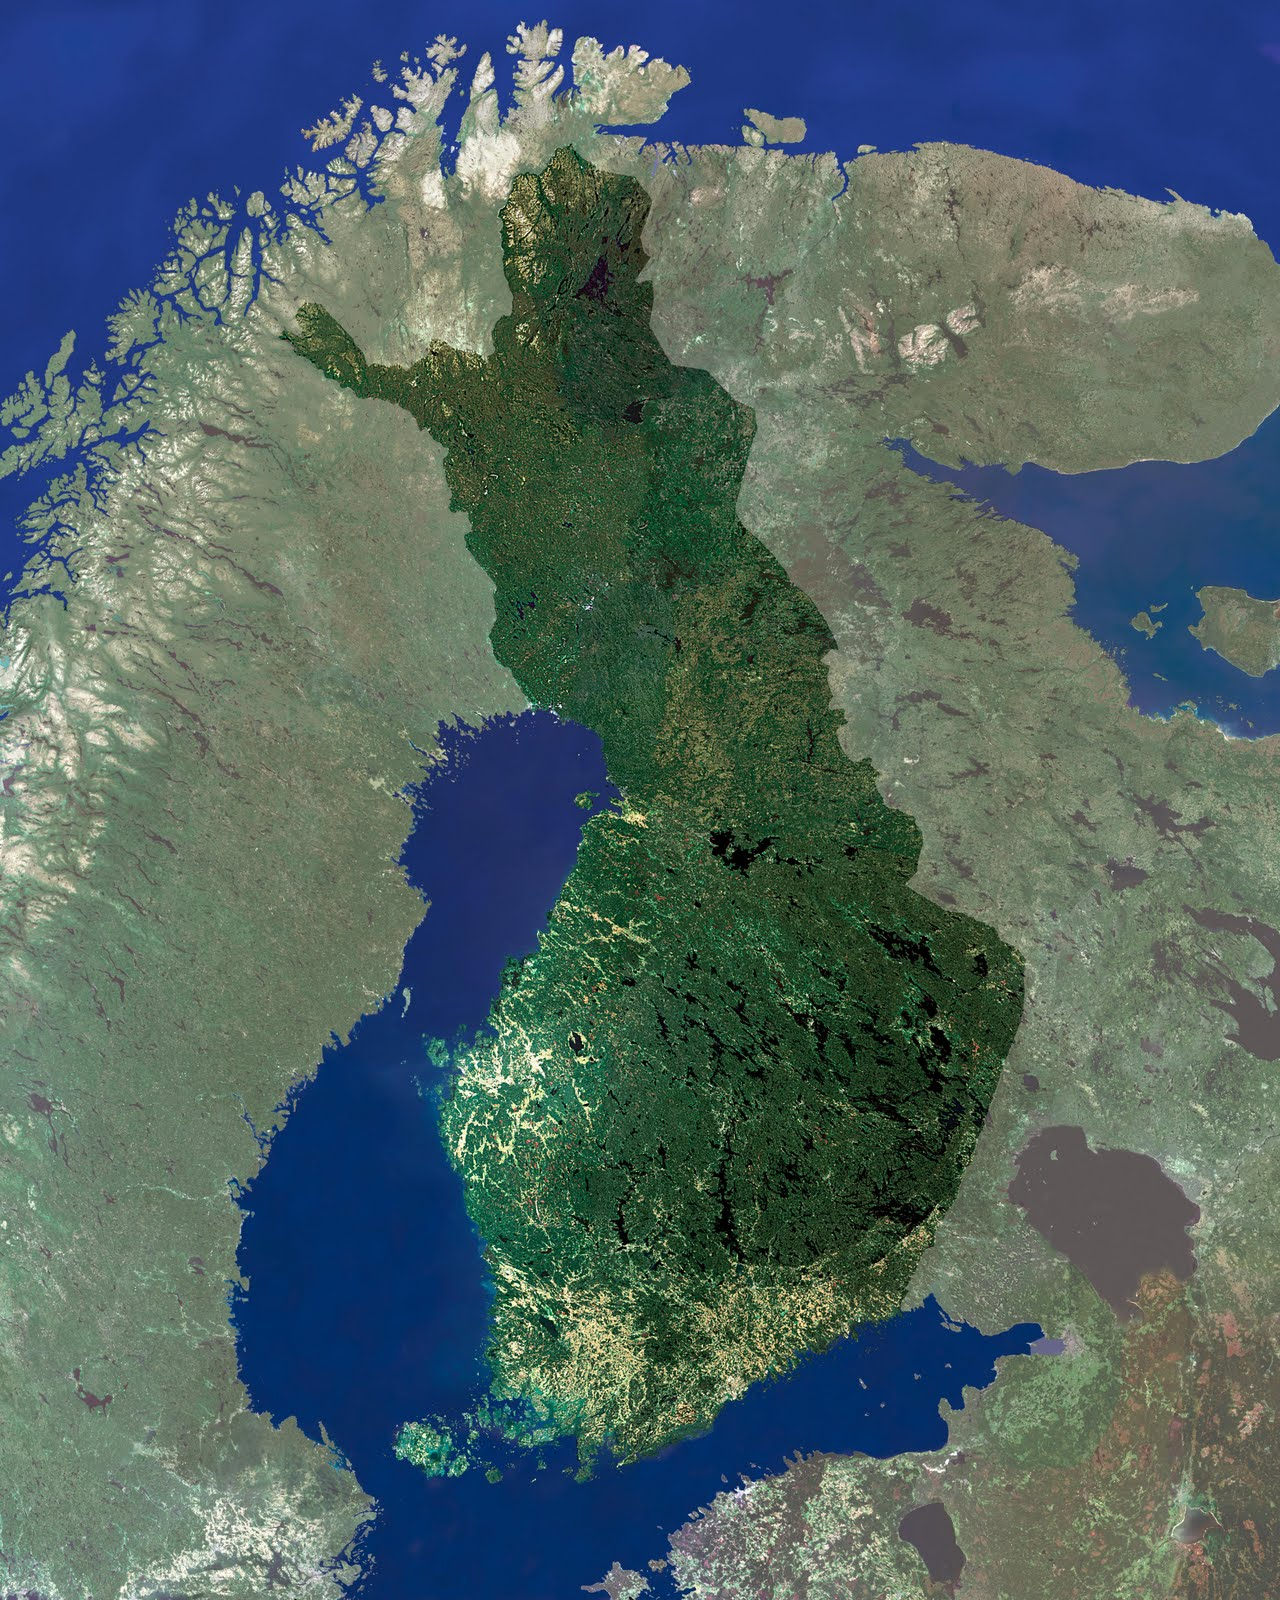 tallinn eskort prostituutio suomessa laki